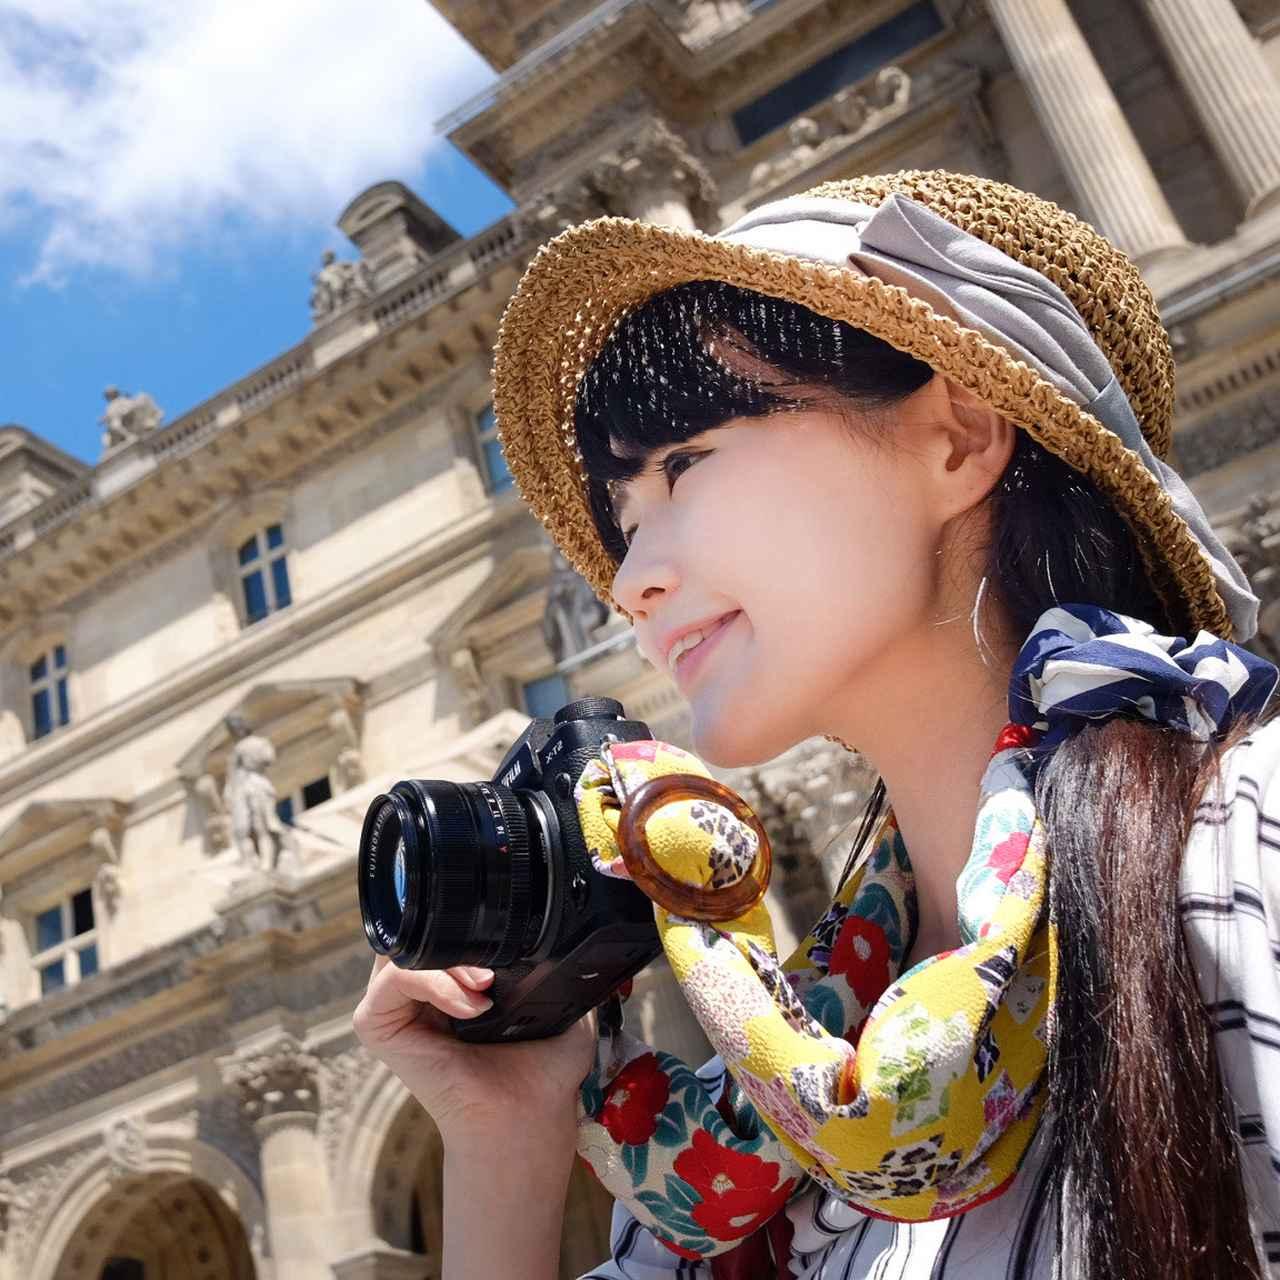 画像: 片岡三果さんのプロフィール